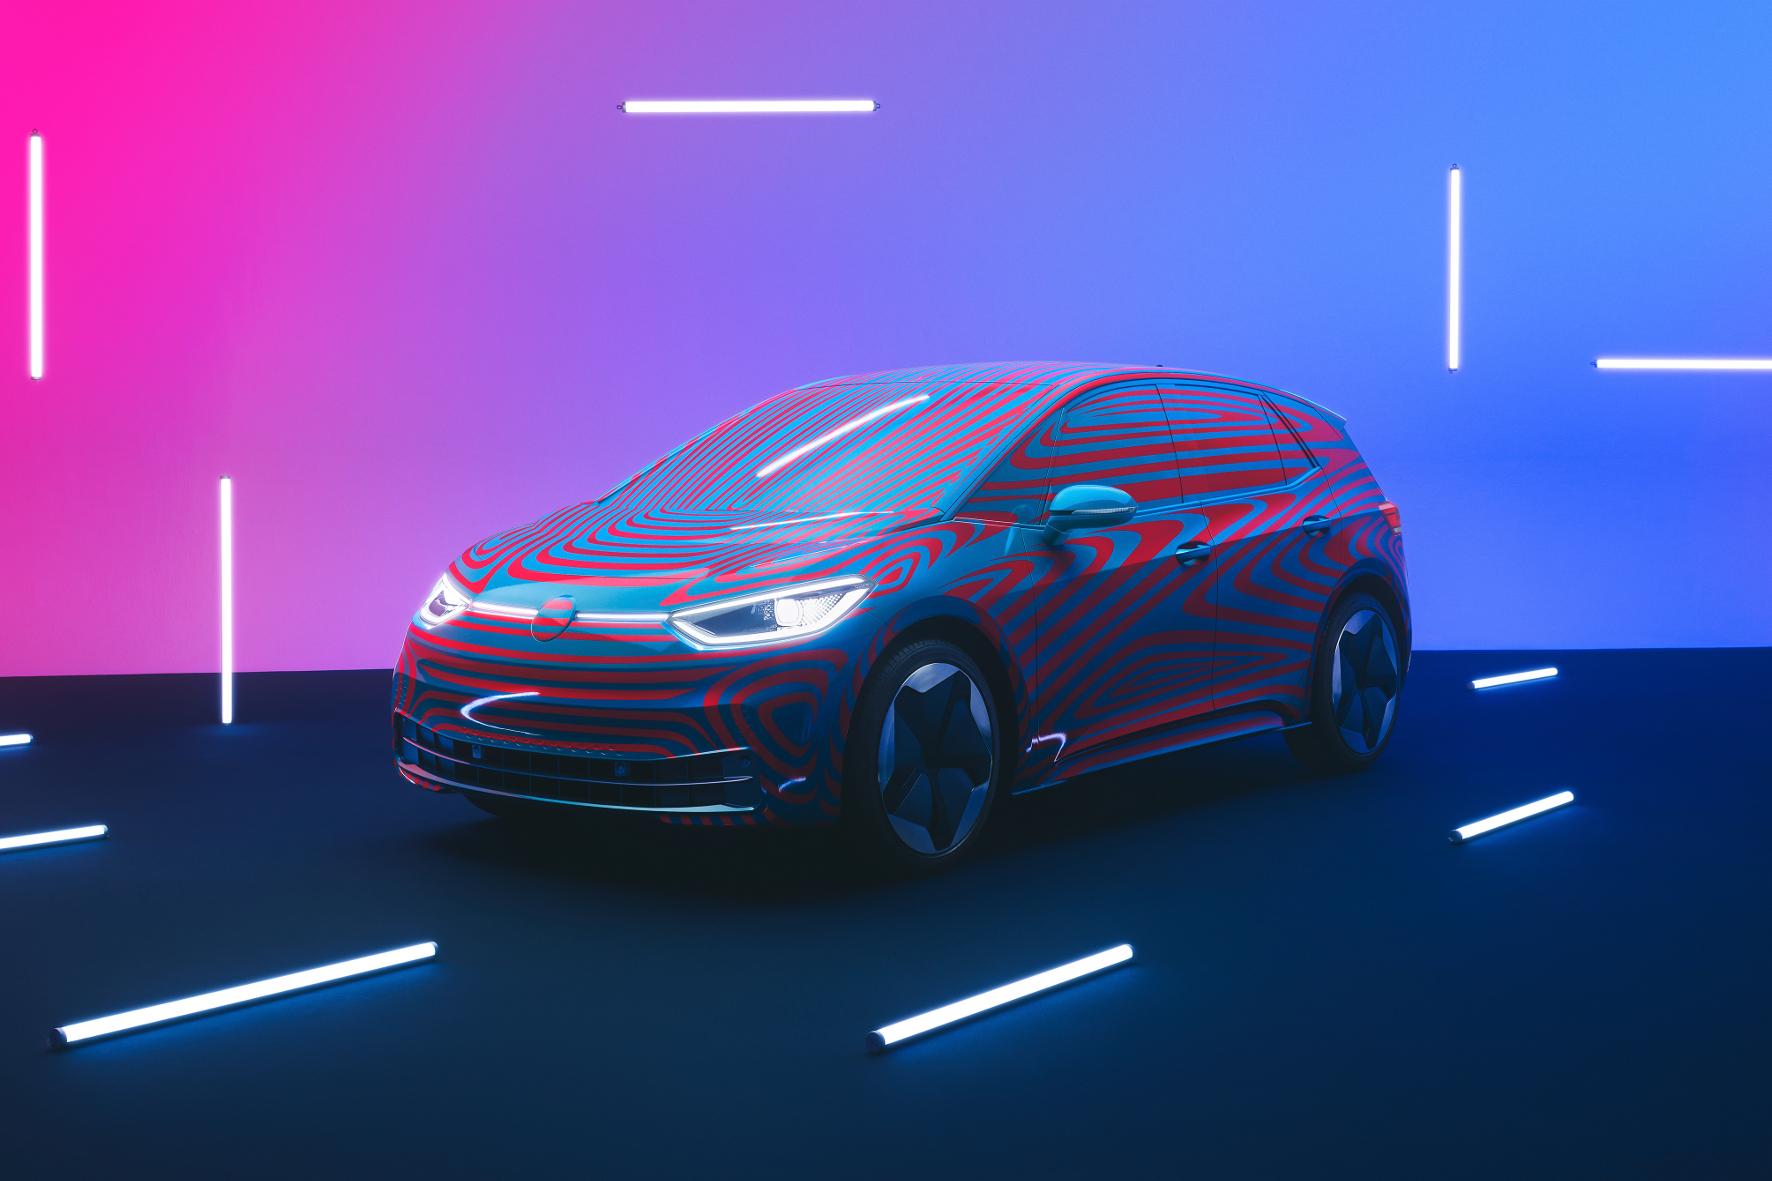 mid Groß-Gerau - Startklar: Der ID.3 von VW soll binnen weniger Monate in Produktion gehen. Volkswagen